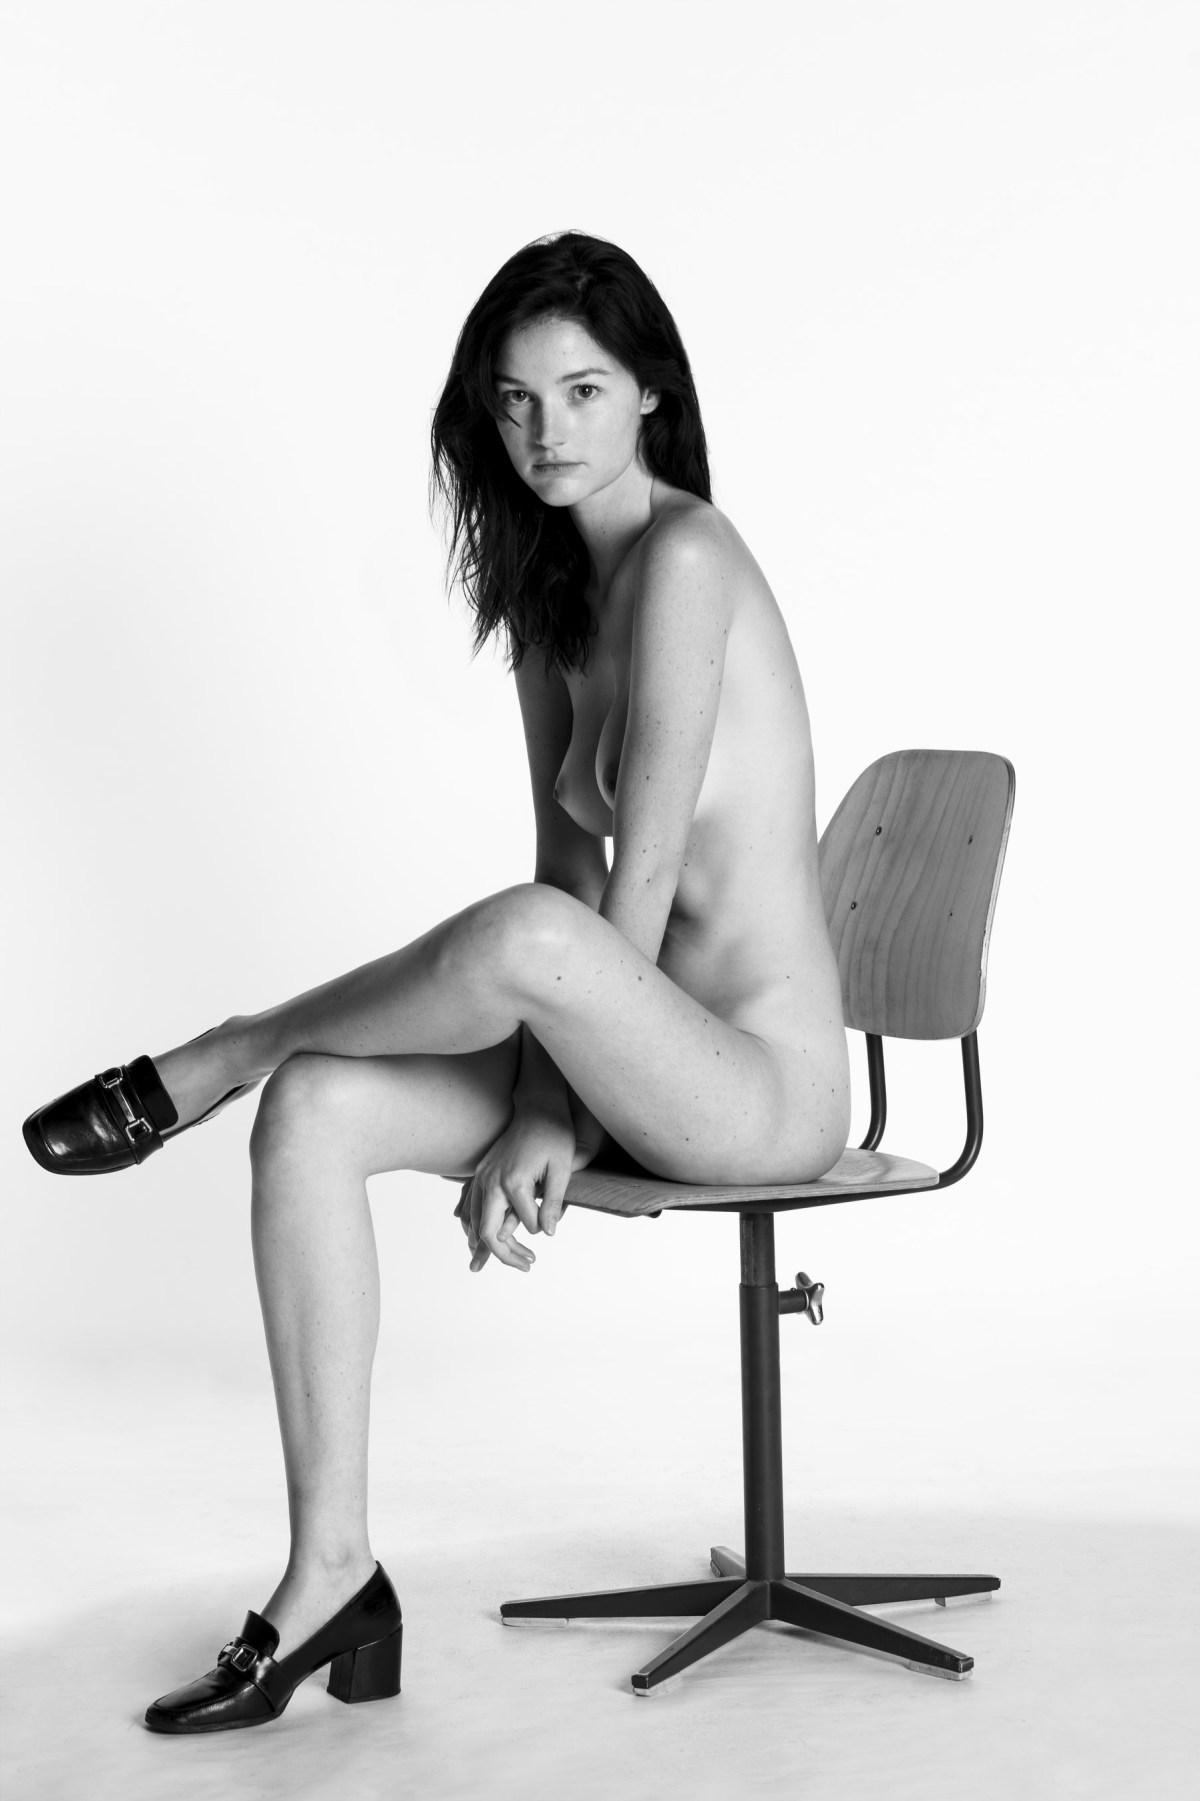 Chloe Bechini by Romann Warren Sebag